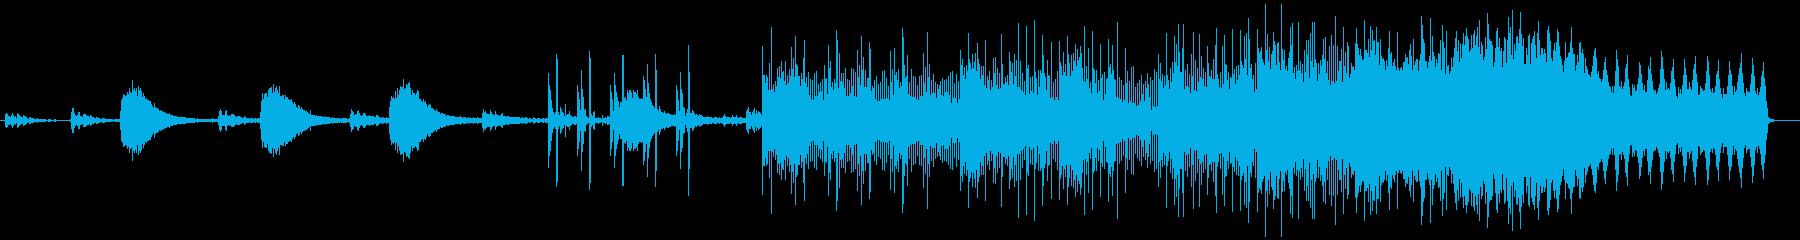 ダークなエレクトロ 今っぽいスリラーに!の再生済みの波形